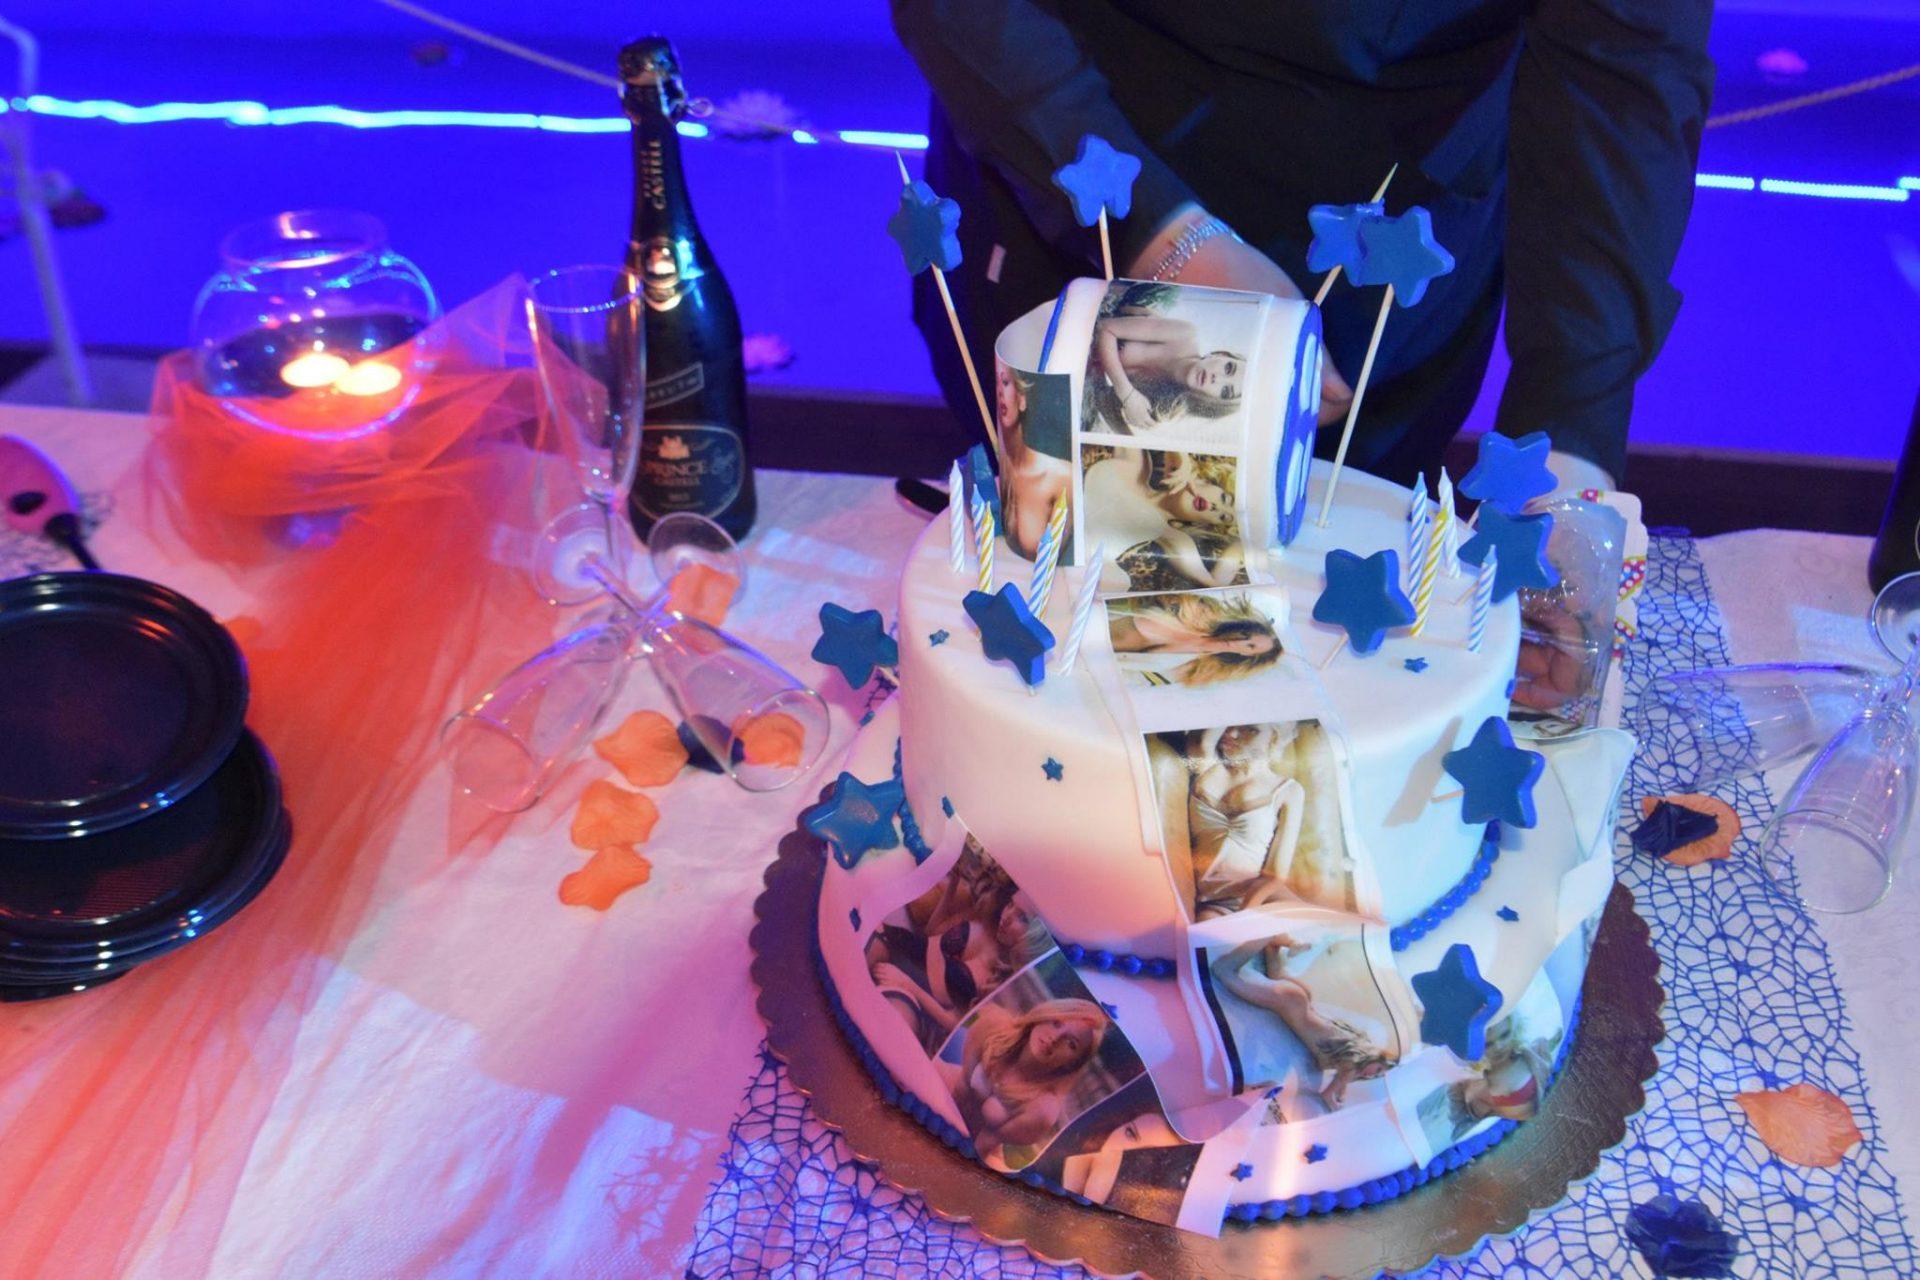 Casalnuovo: festa di compleanno al ristorante. Sanzionate 47 persone.